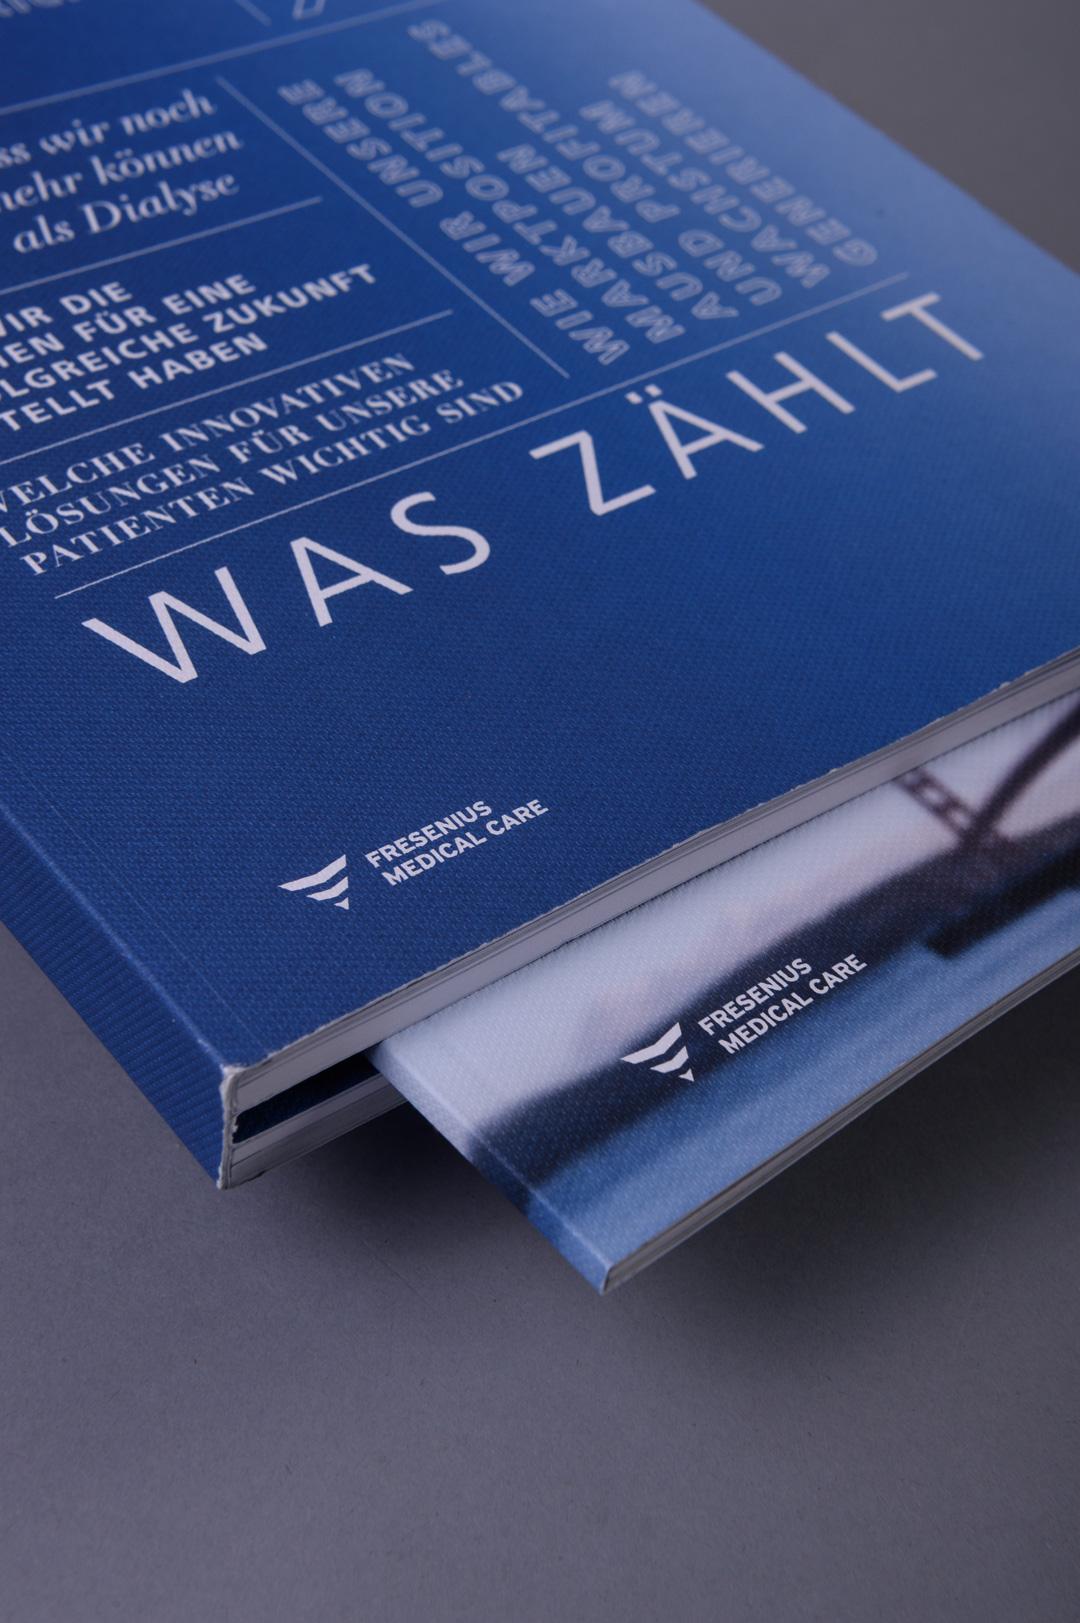 Fresenius Mecdical Care Bericht und Magazin